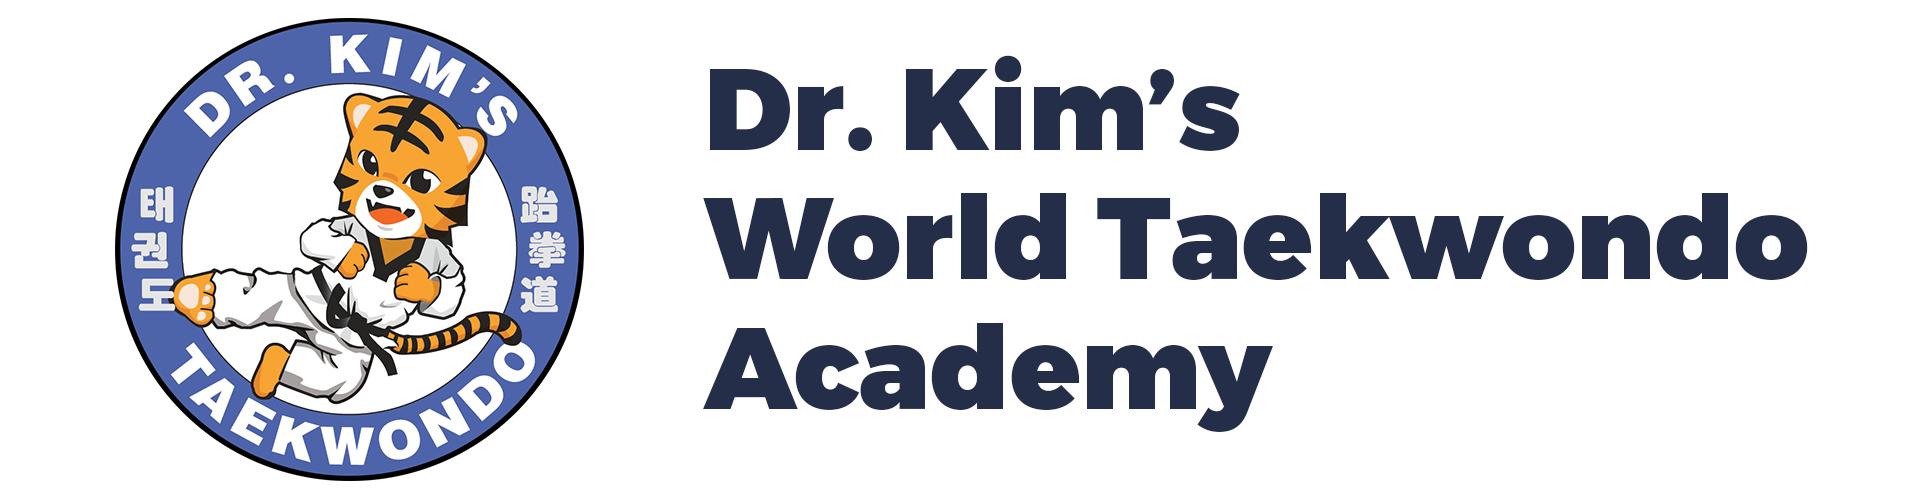 Dr. Kim's World Taekwondo Academy